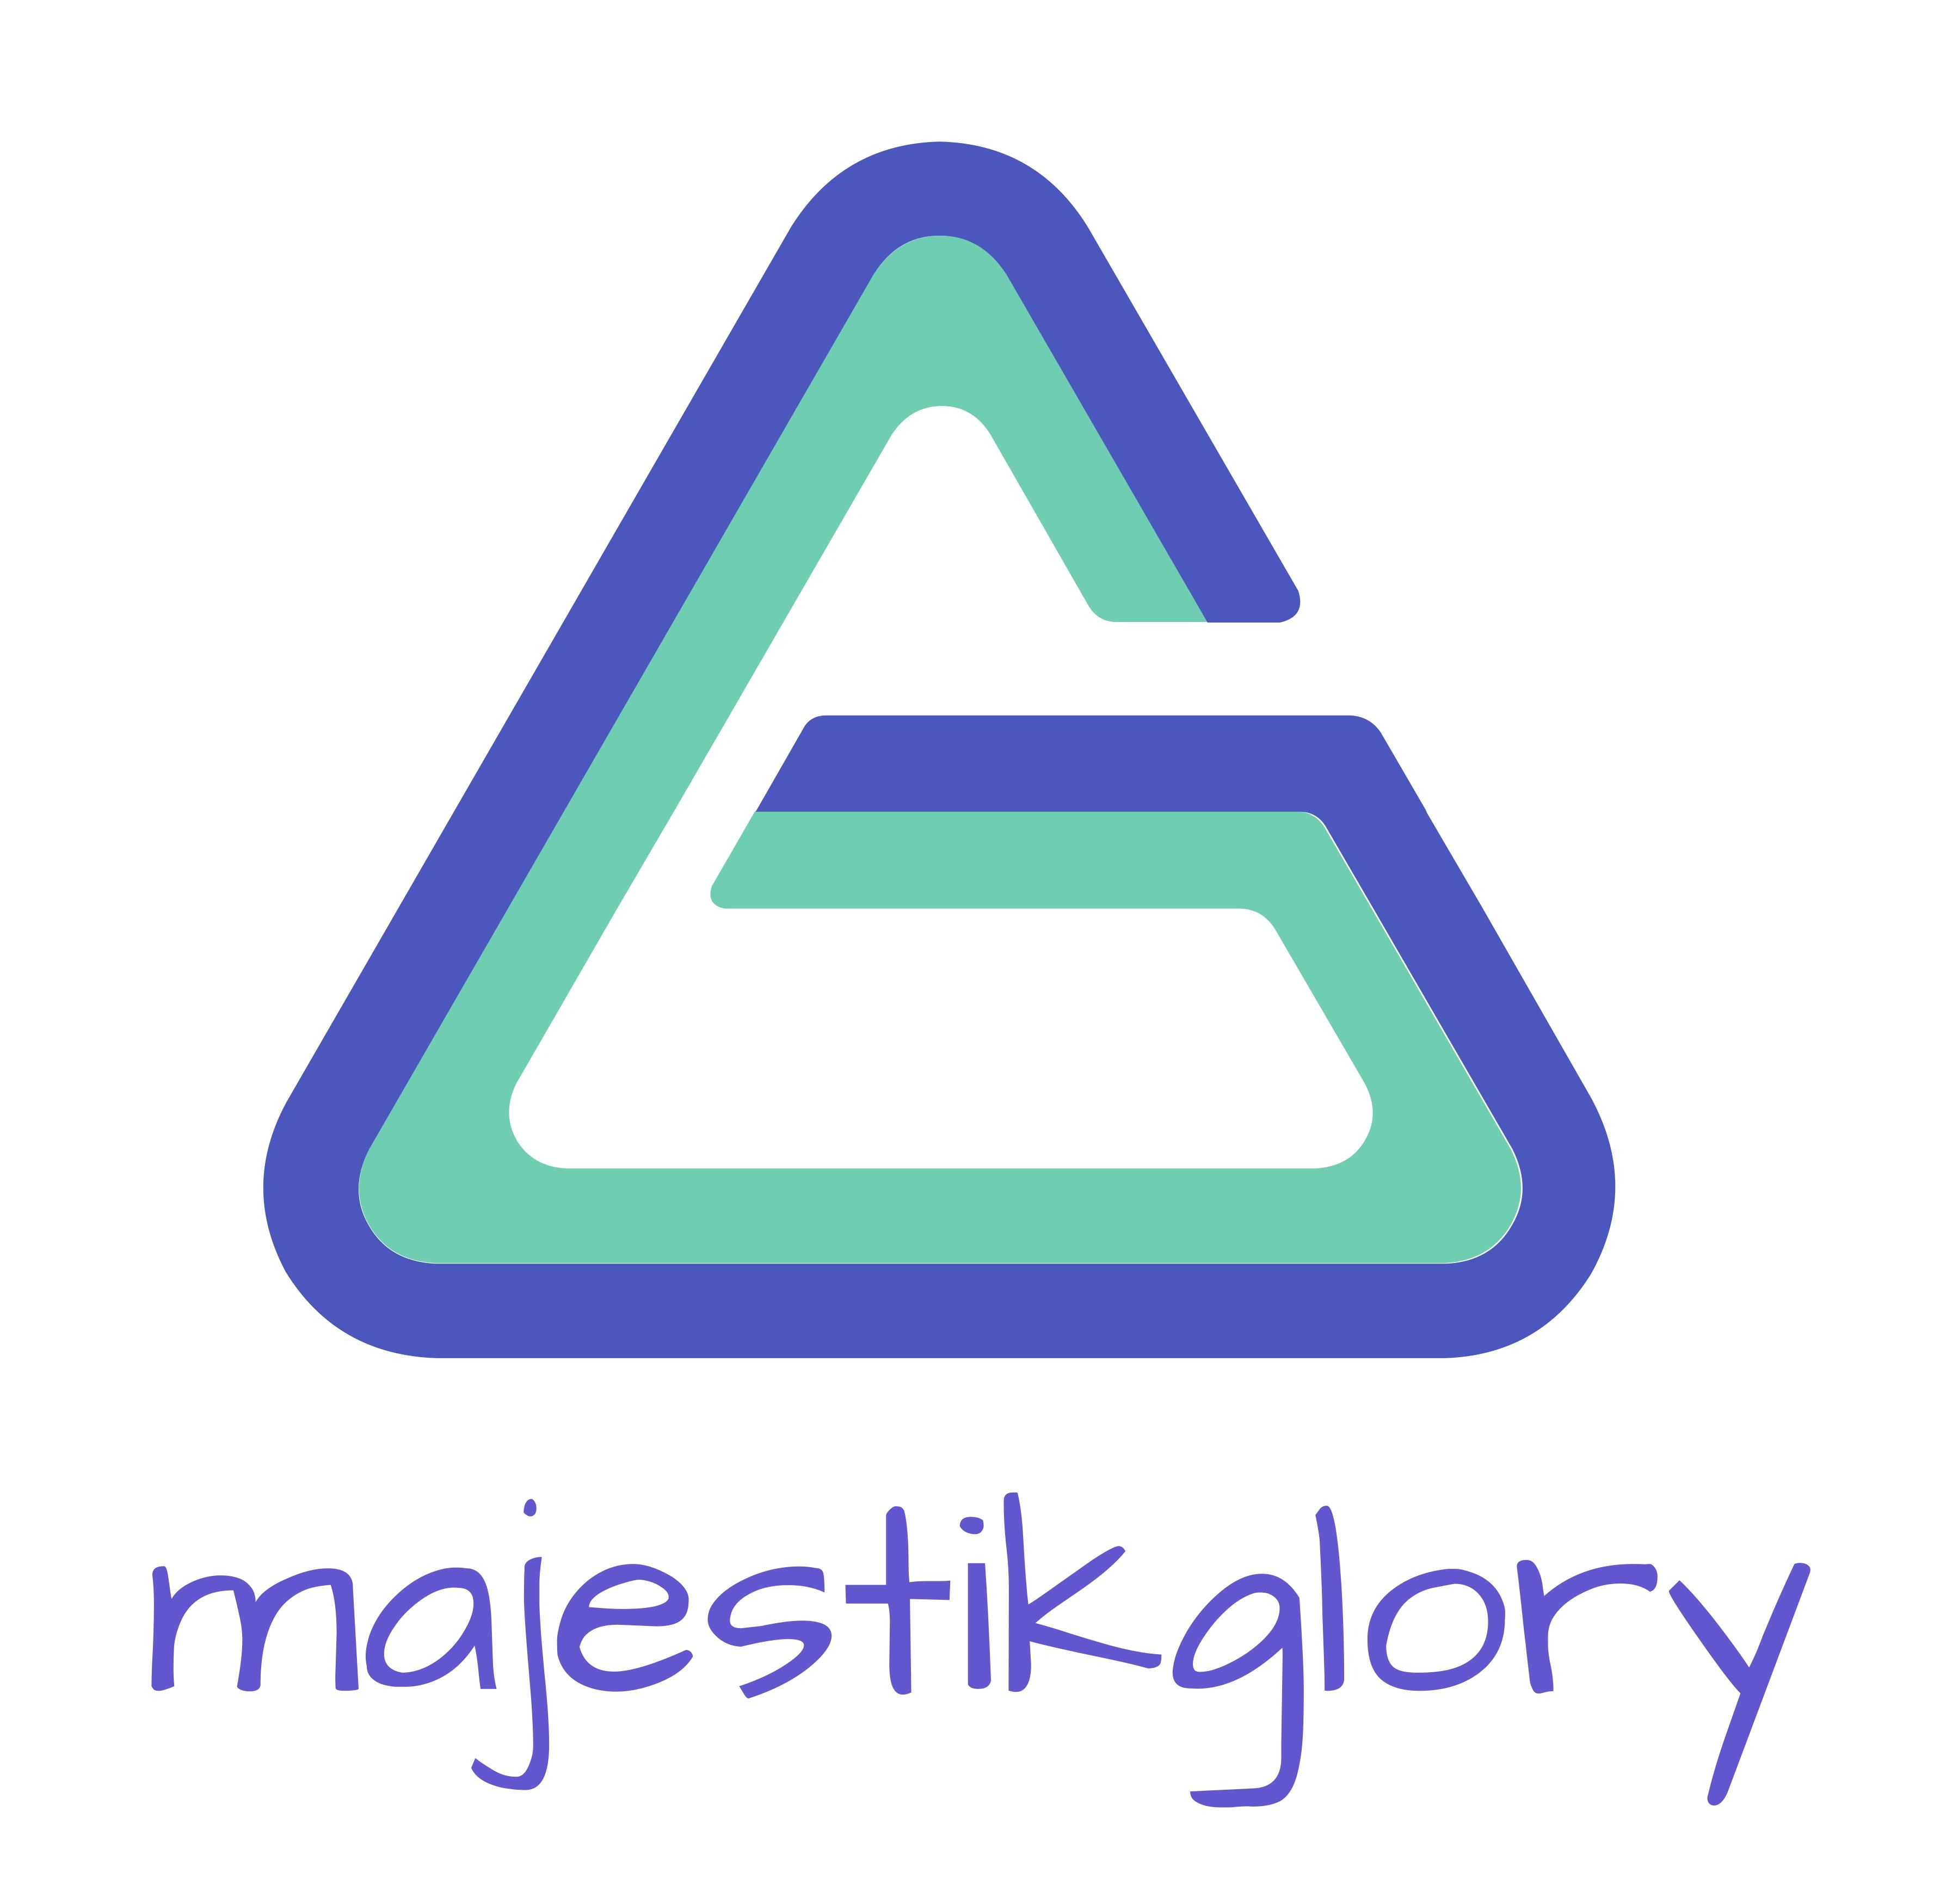 Majestikglory